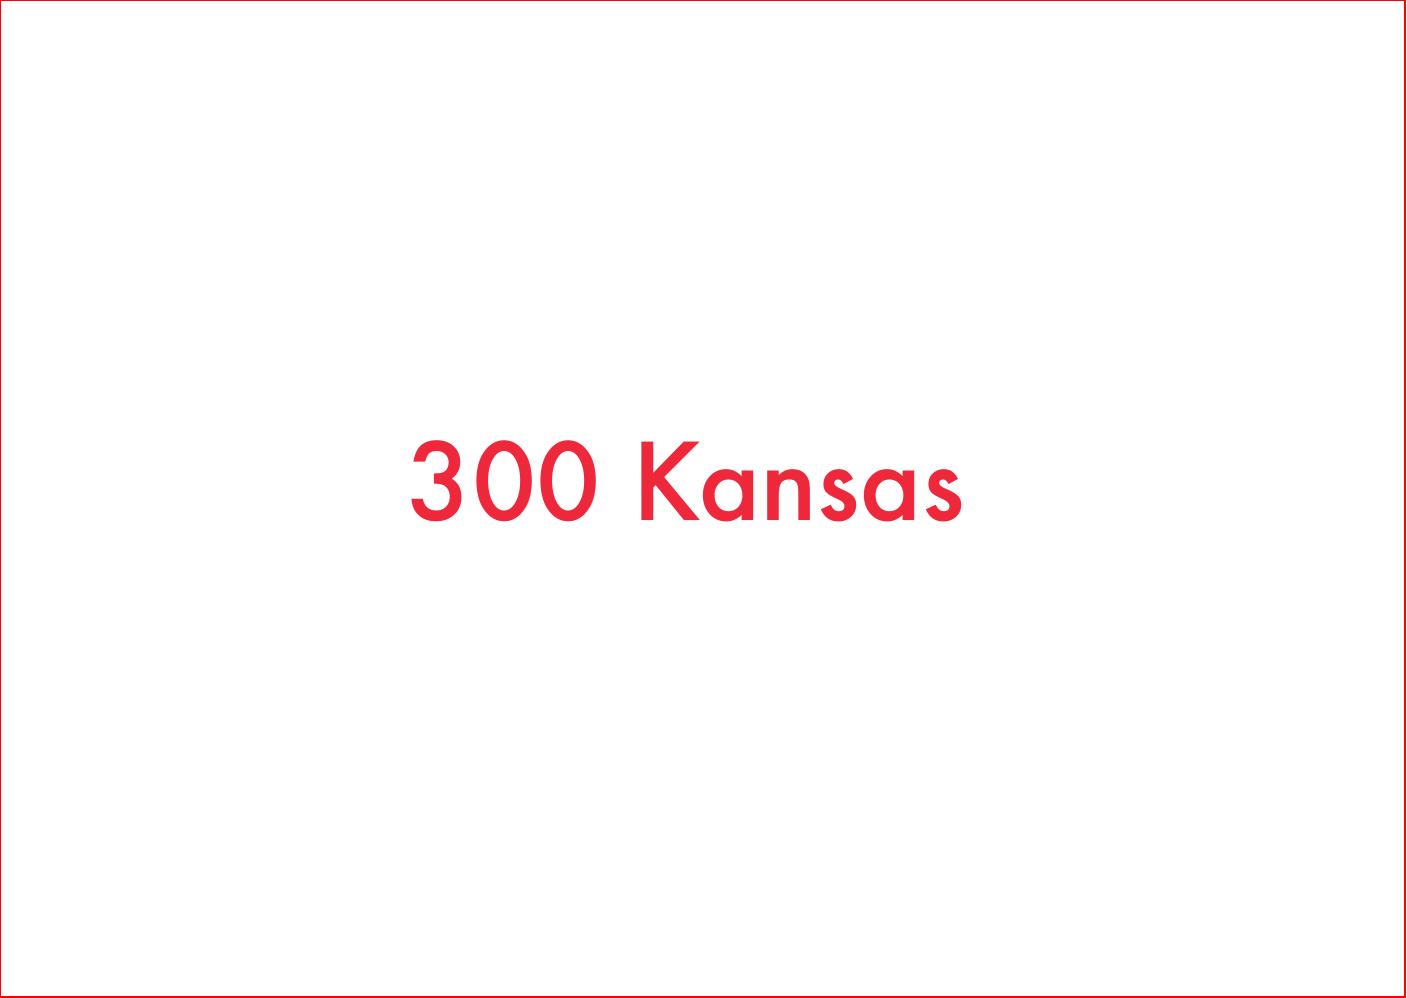 300 Kansas_Title.jpg